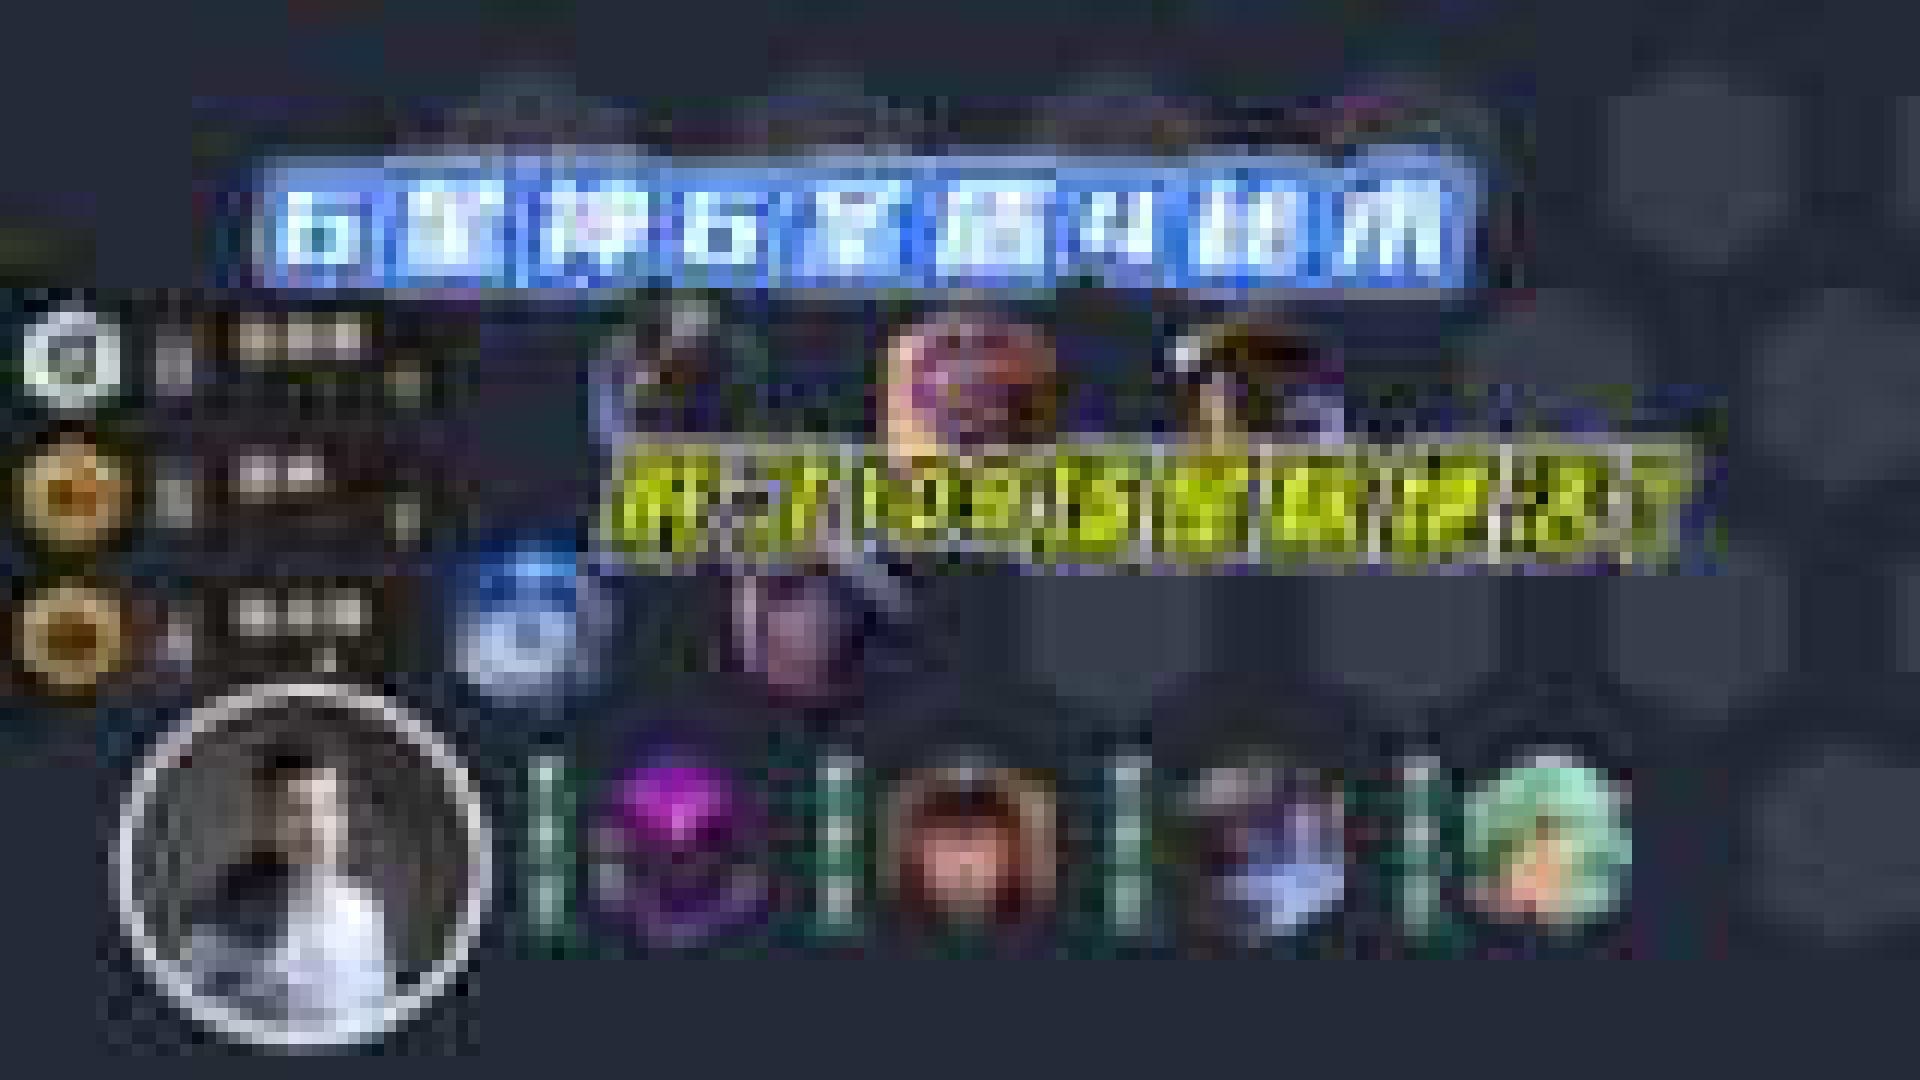 云顶之弈s3:全网首发6星神6圣盾4秘术,这阵容我想都不敢想!